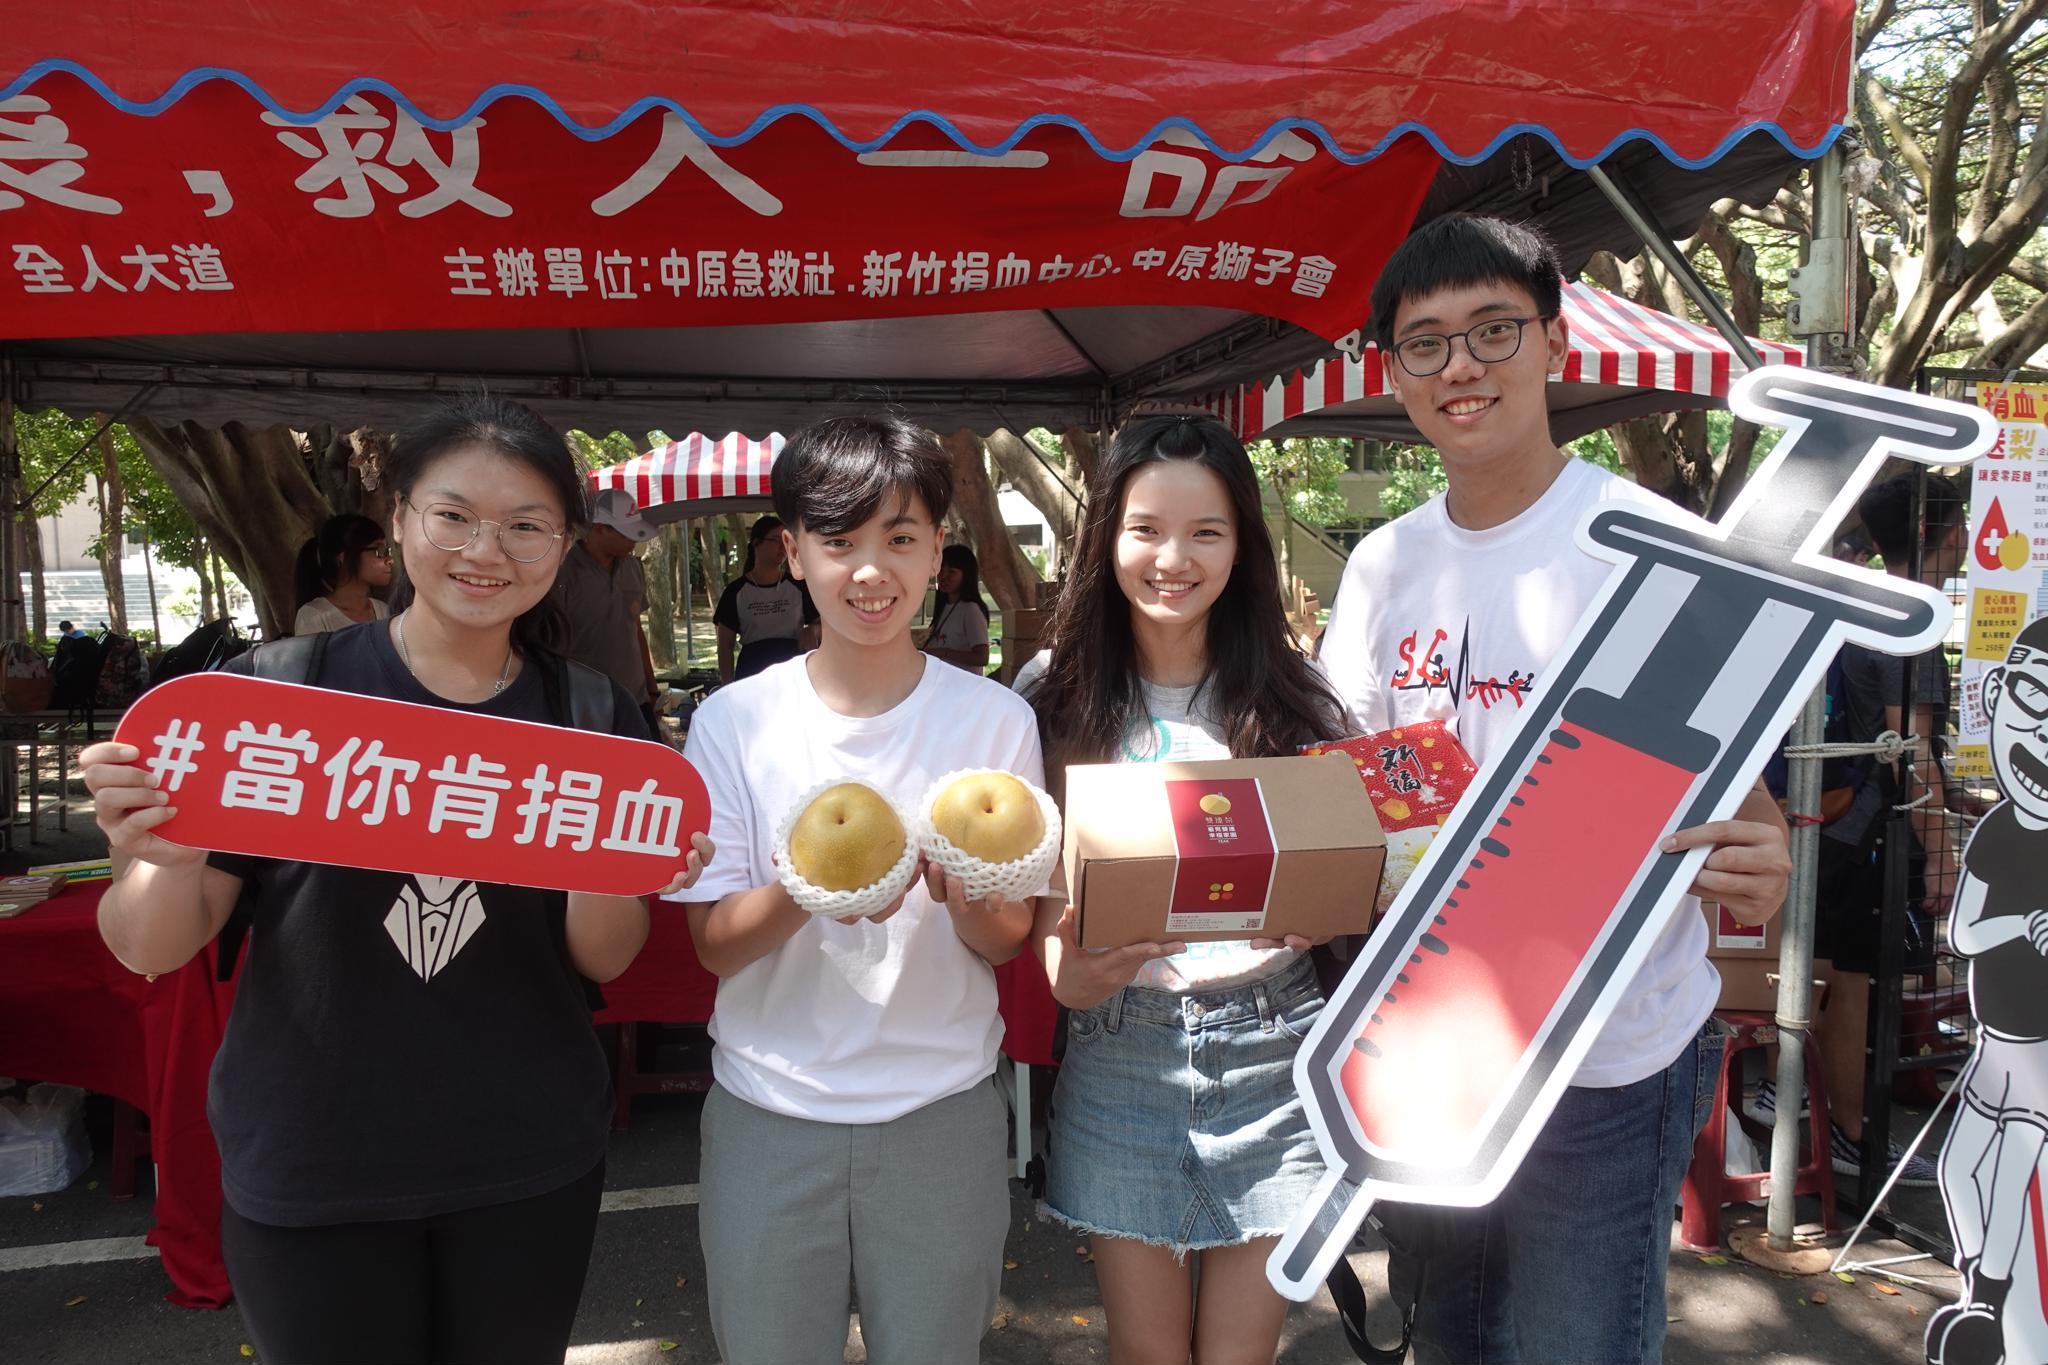 捐血送梨讓愛零距離!中原大學與企業攜手舉辦捐血活動救人助小校